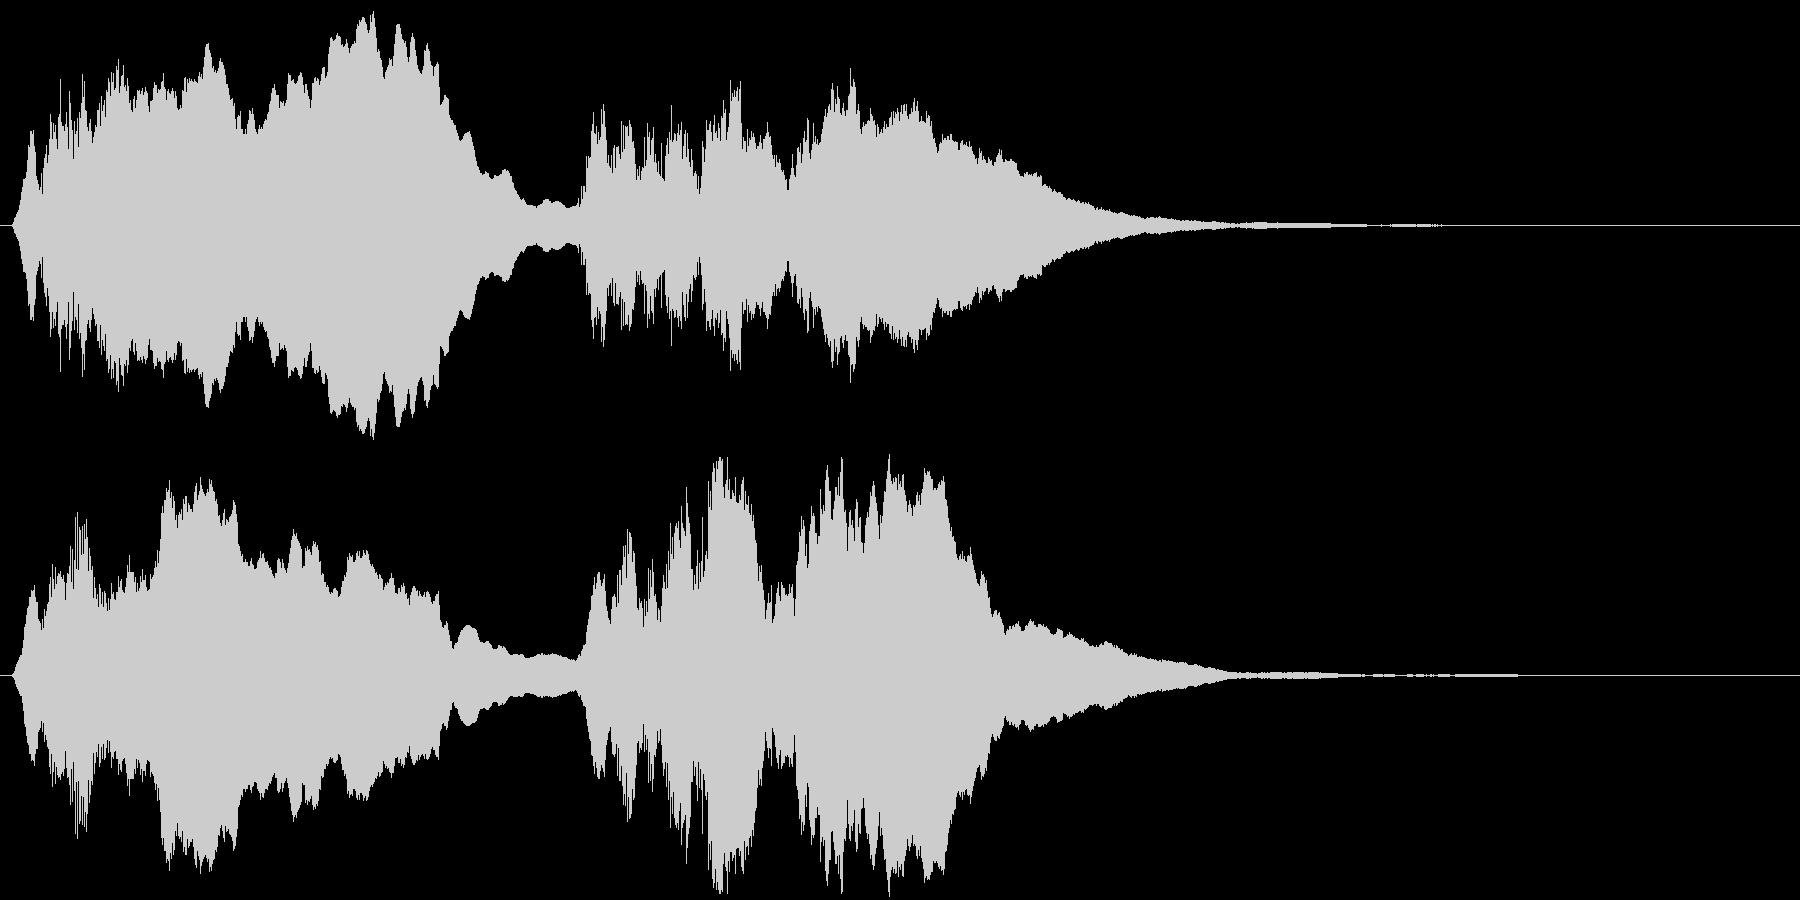 バッハ「トッカータとフーガ 」冒頭部の未再生の波形